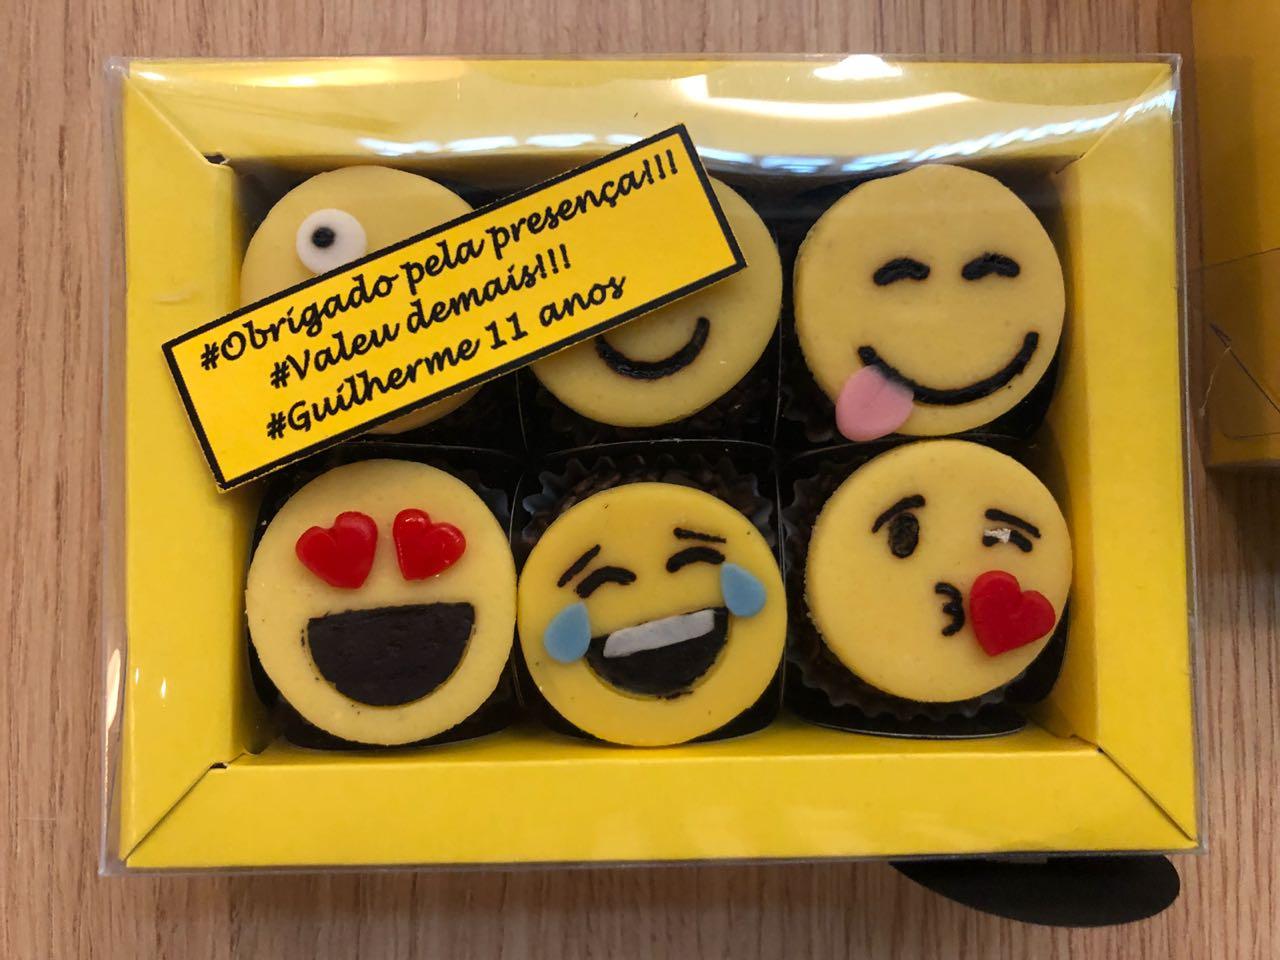 Brigadeiros emojis